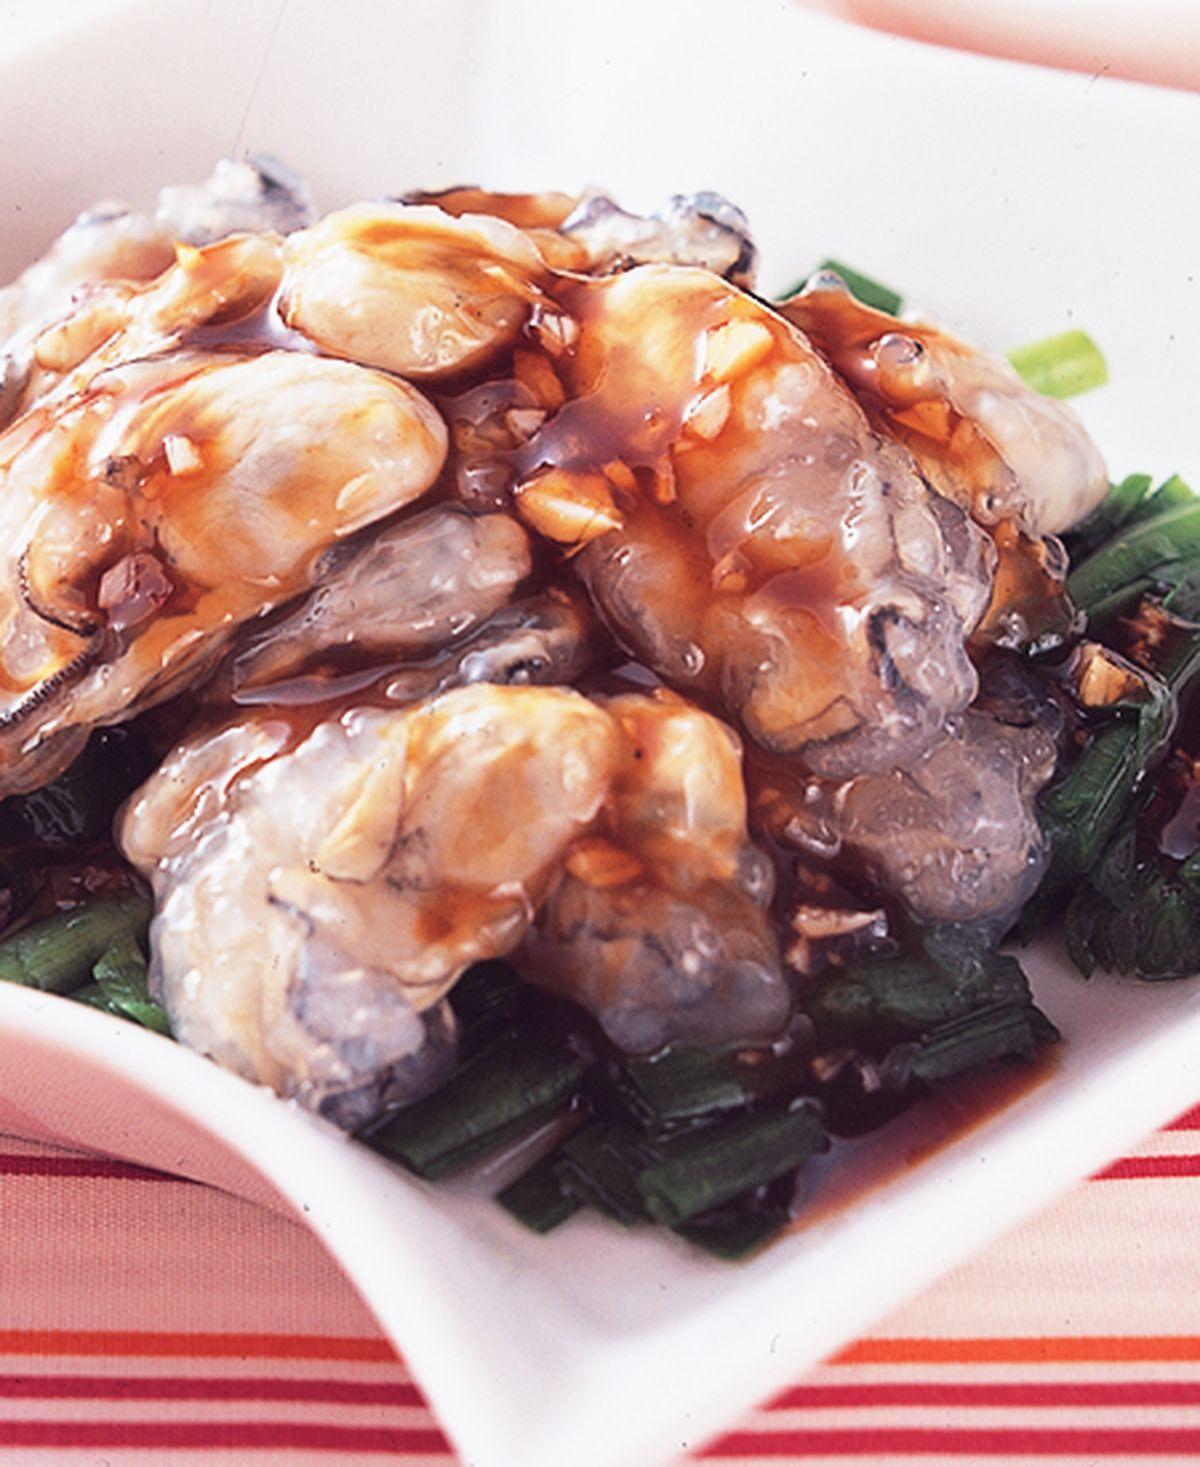 食譜:蒜味鮮蚵